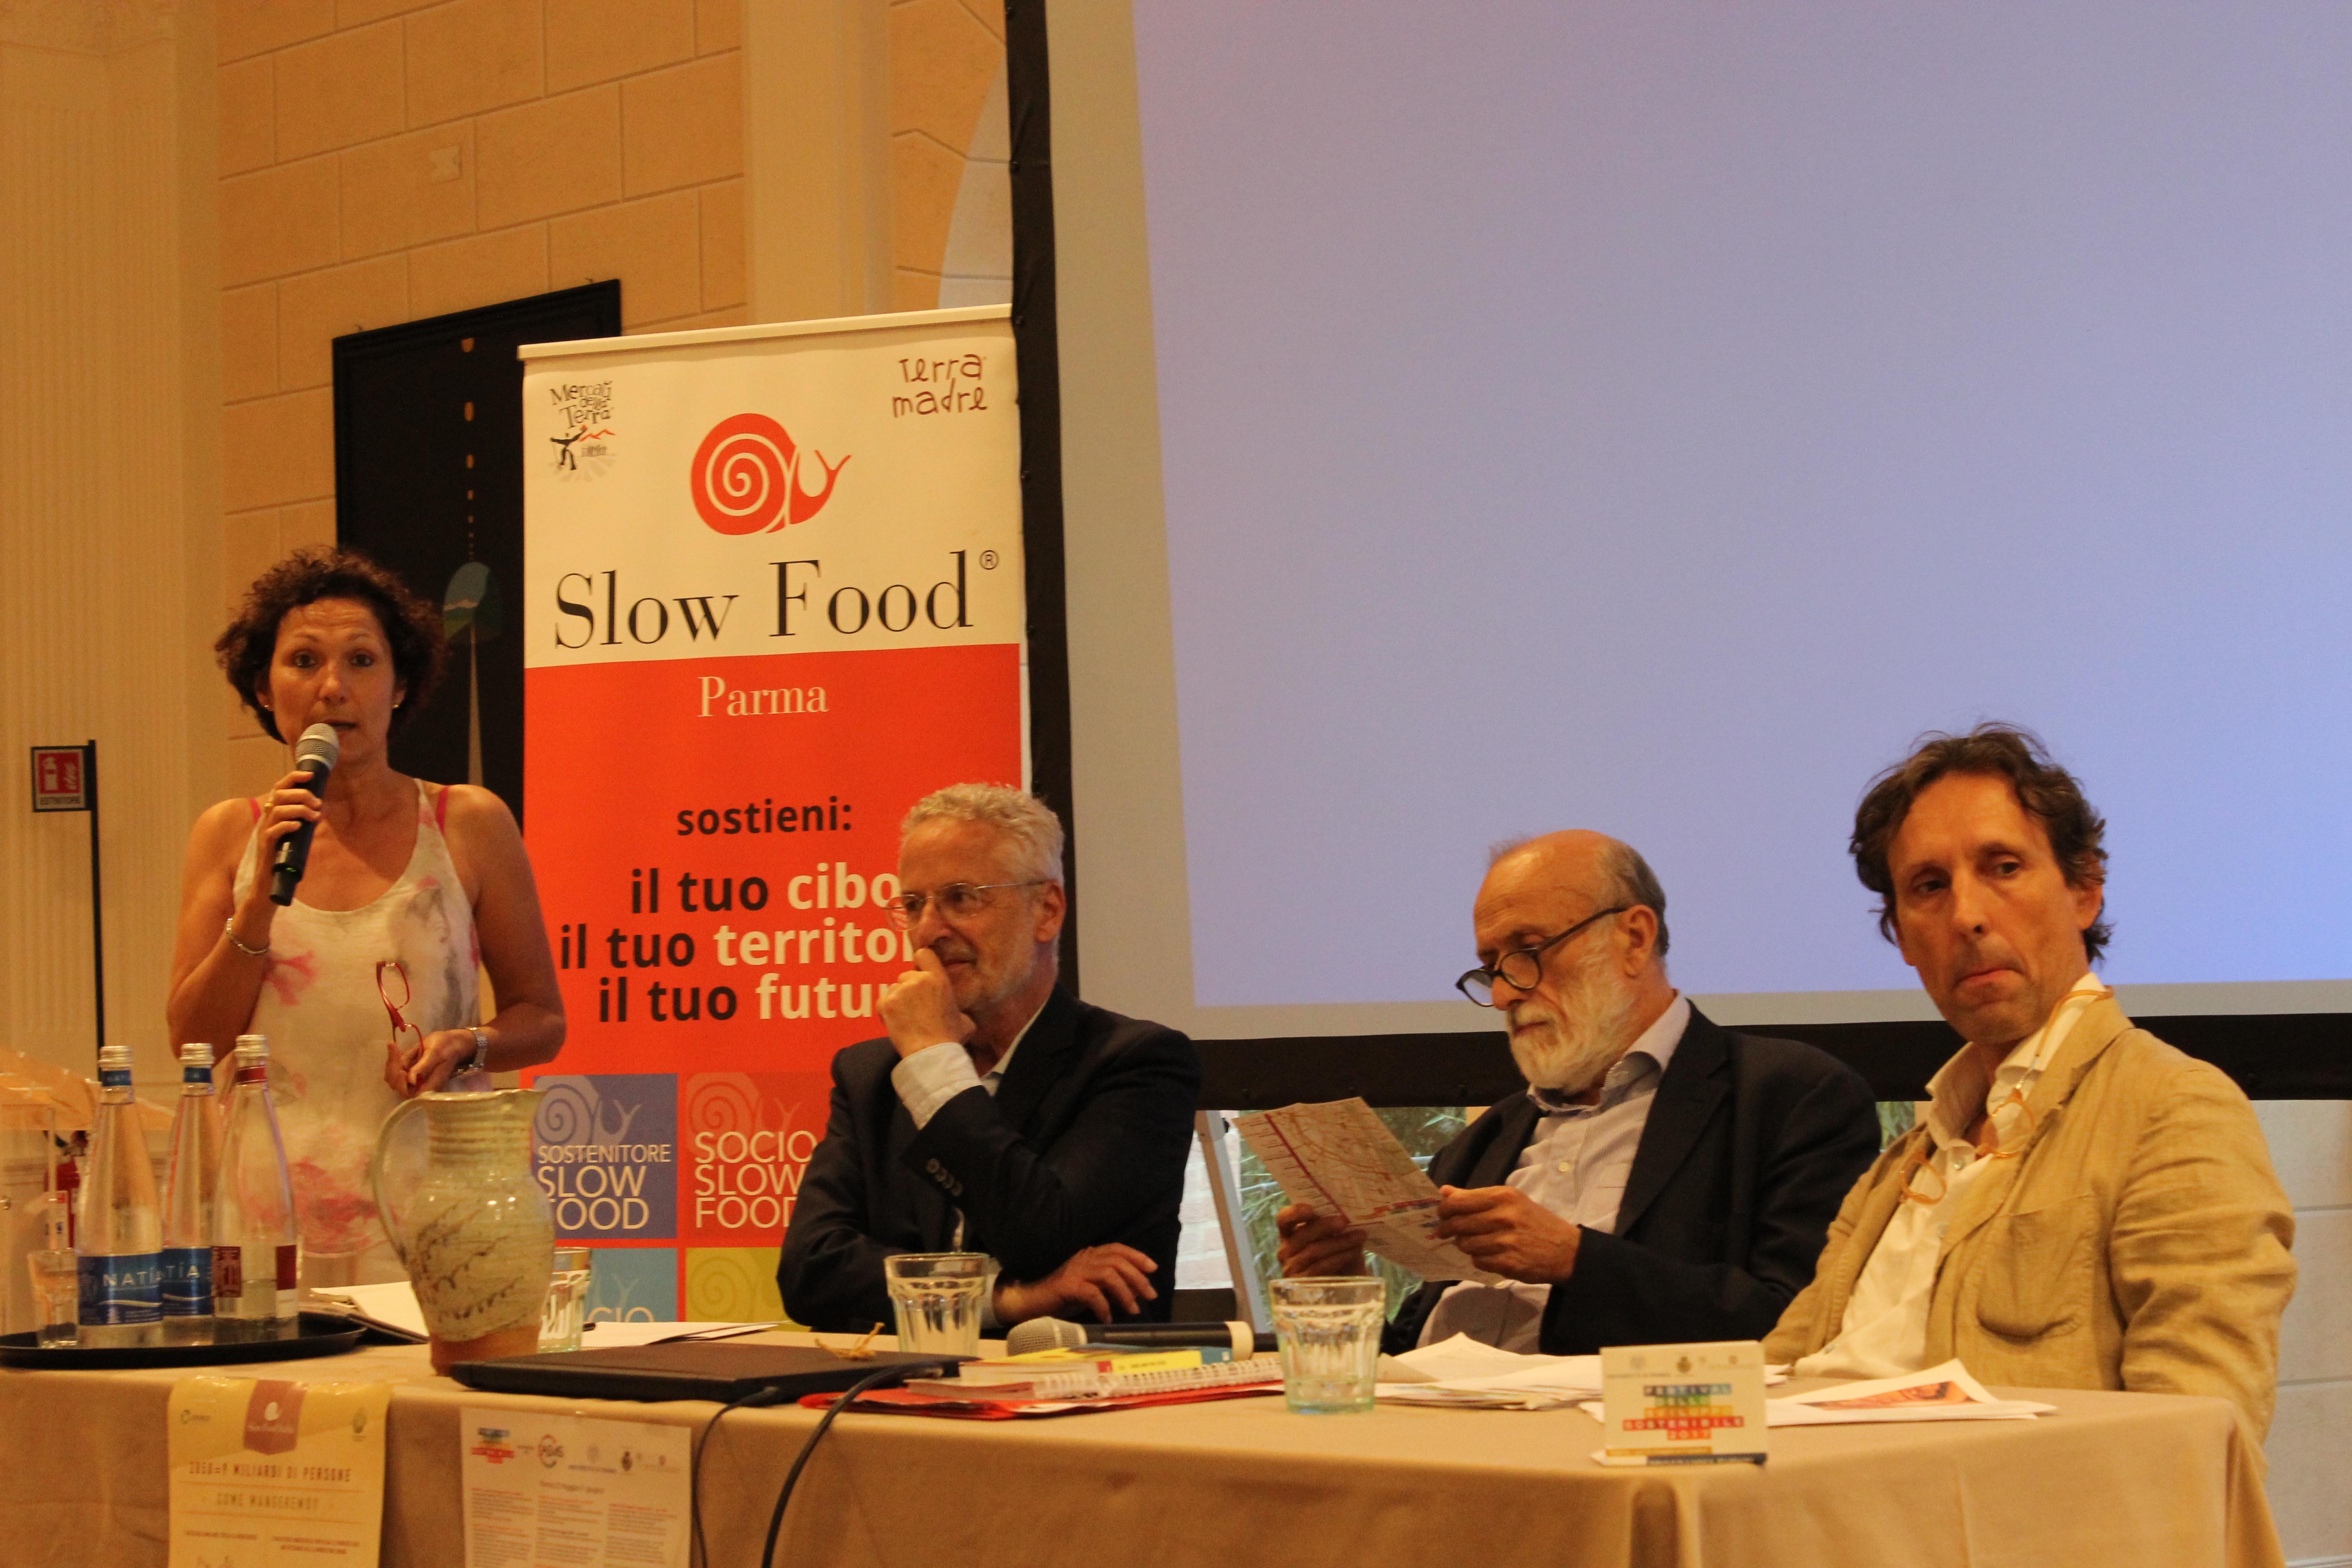 Slow Food Parma: con Petrini e Pallante per parlare di futuro sostenibile